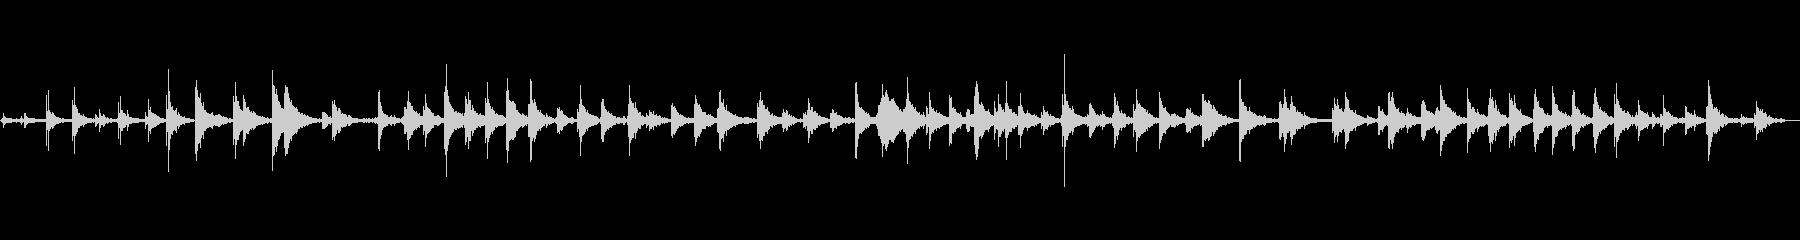 バーンのウォーキングバック&フォー...の未再生の波形